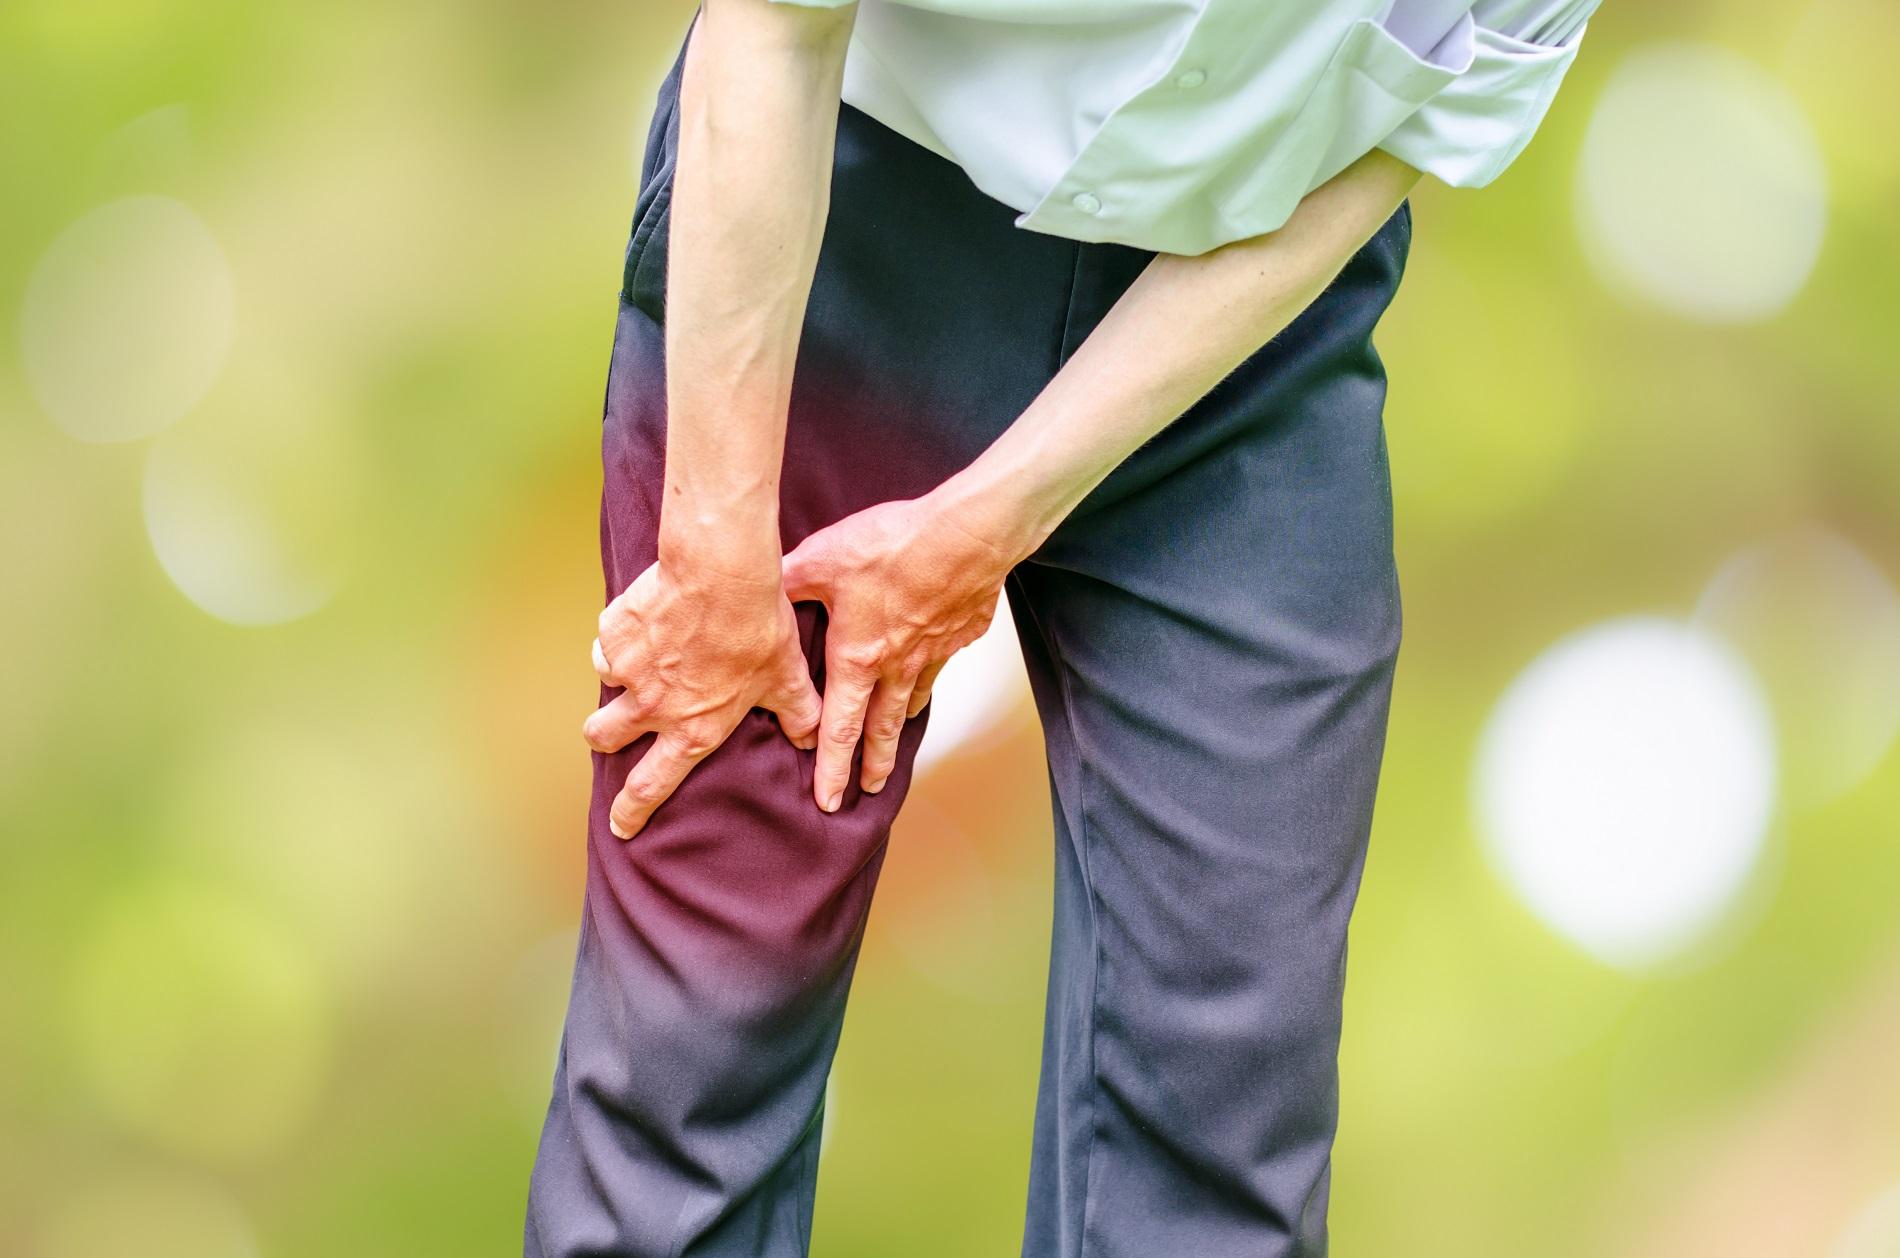 Térdduzzadás esés után :: Dr. Farkas Judit - InforMed Orvosi és Életmód portál :: térdfájdalom